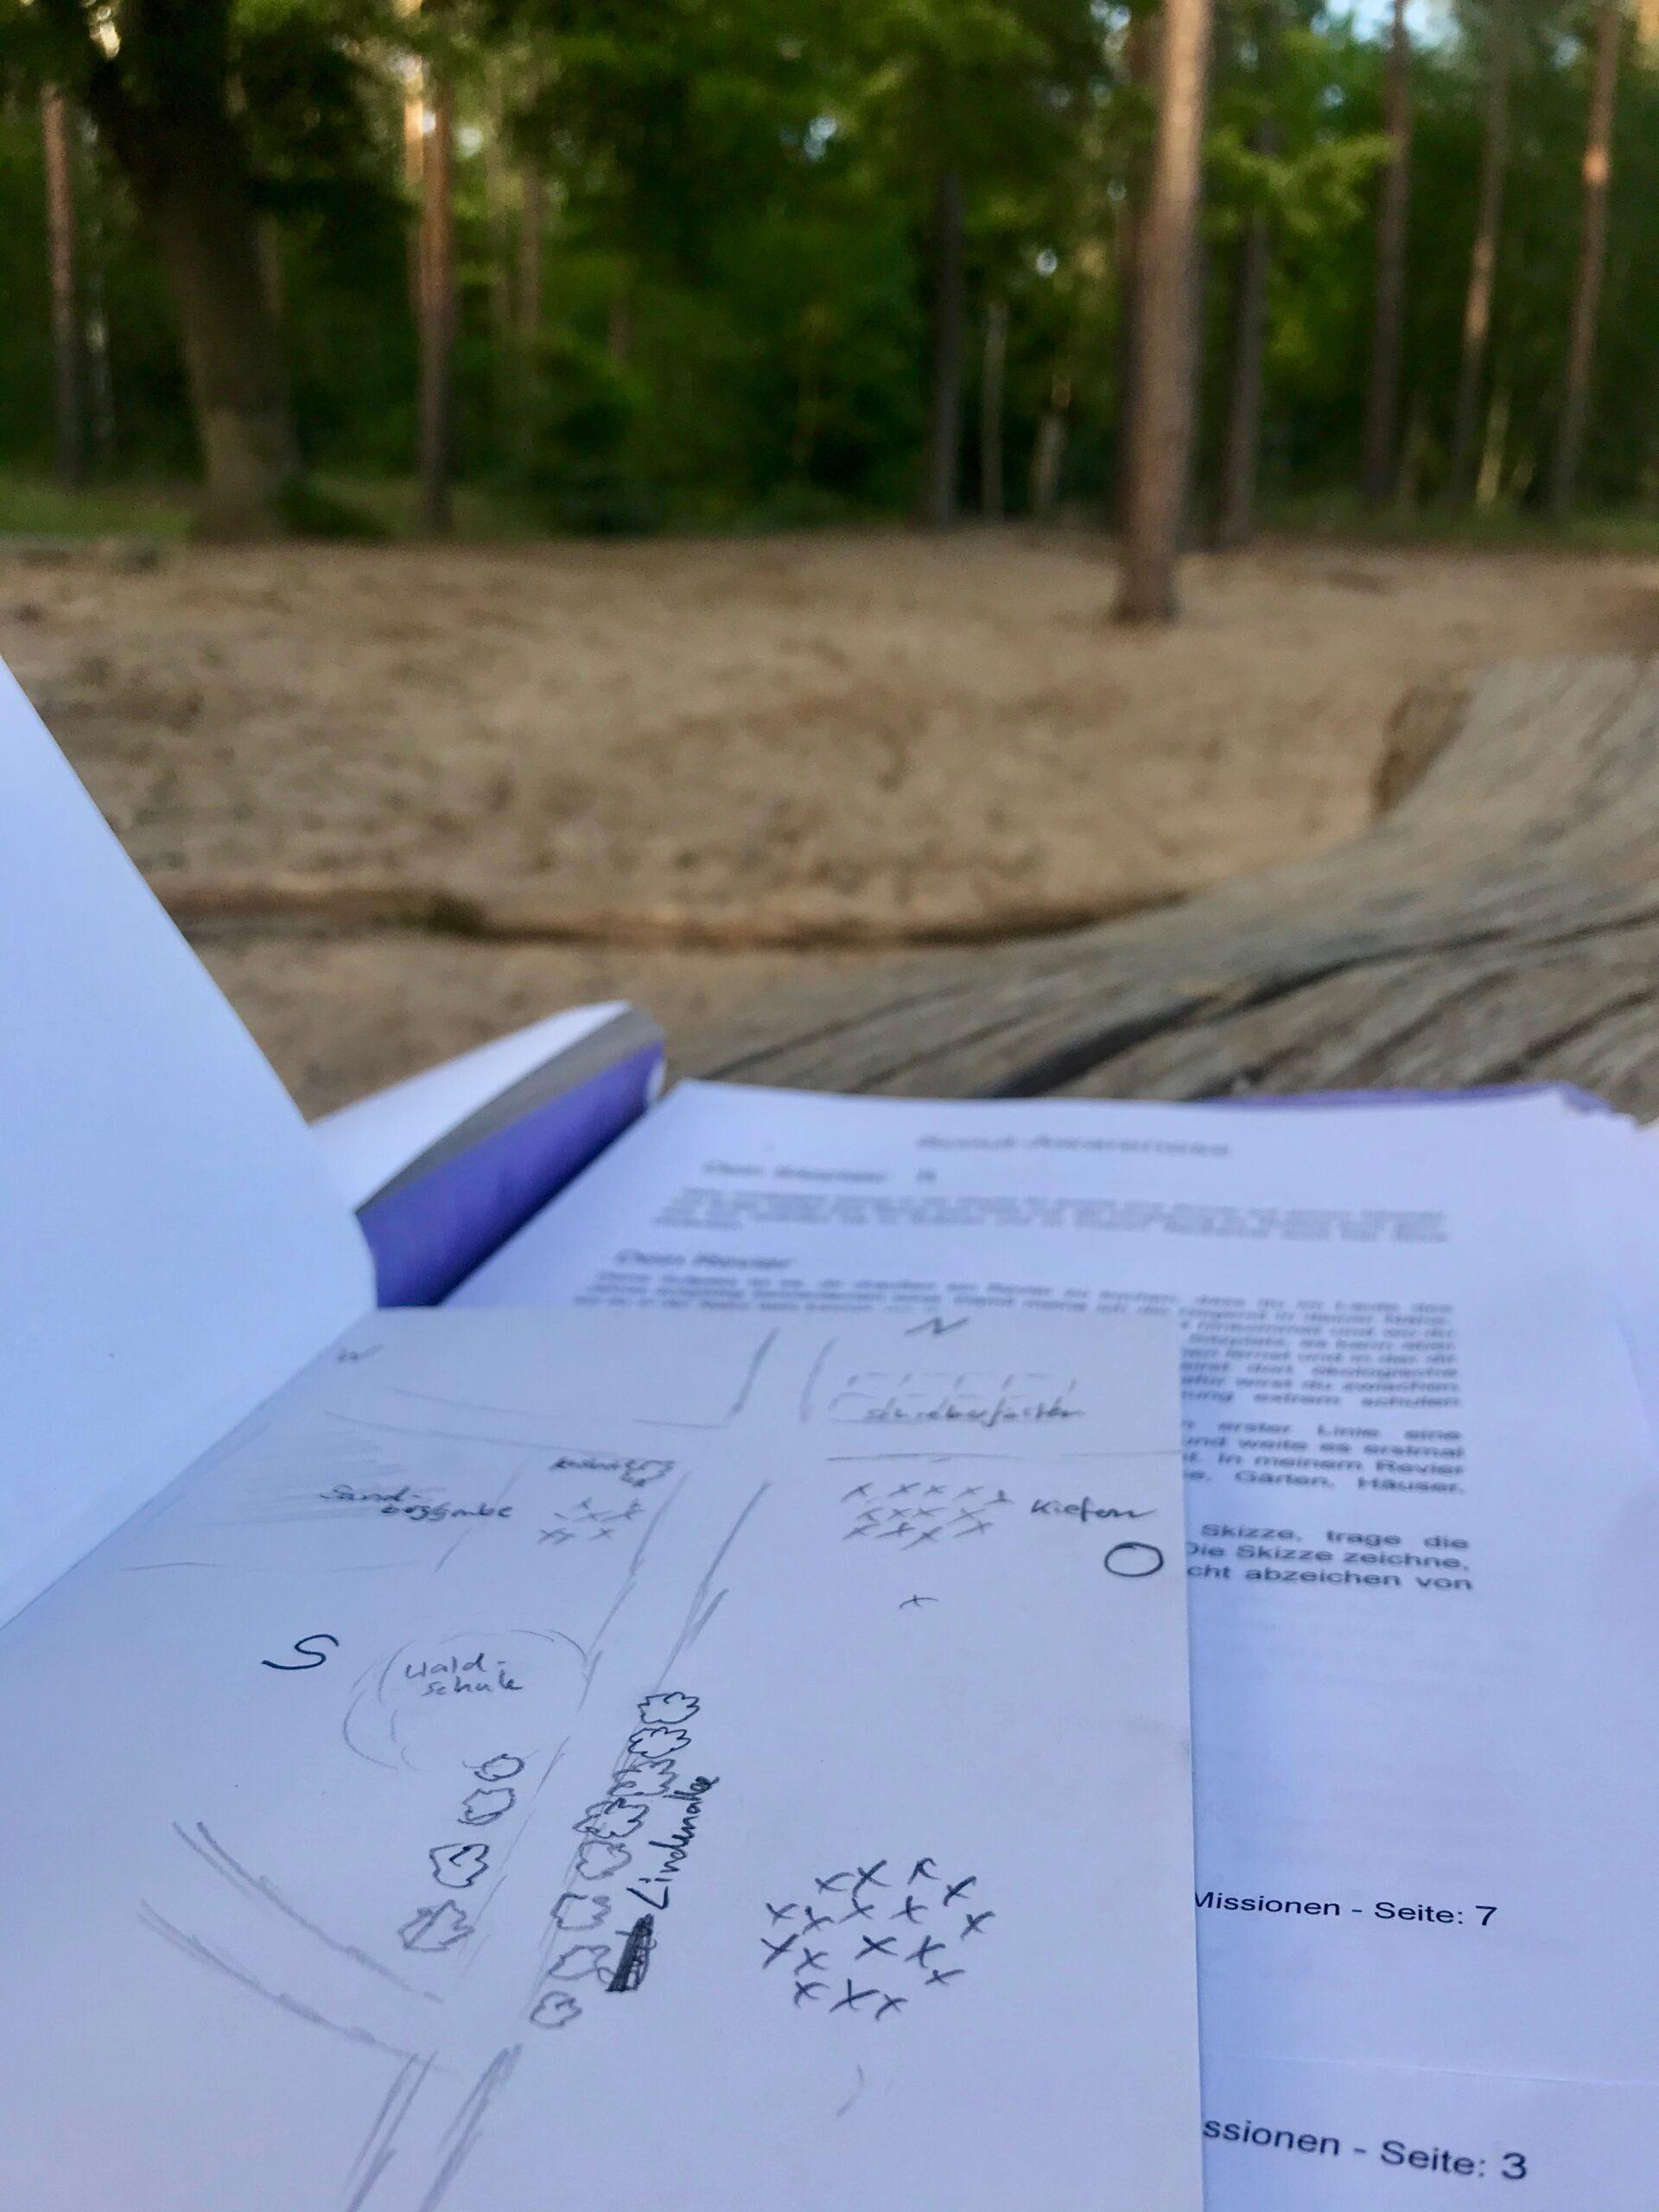 Wildnispädagogik-Ausbildung: Das Revier Zuhause entdecken